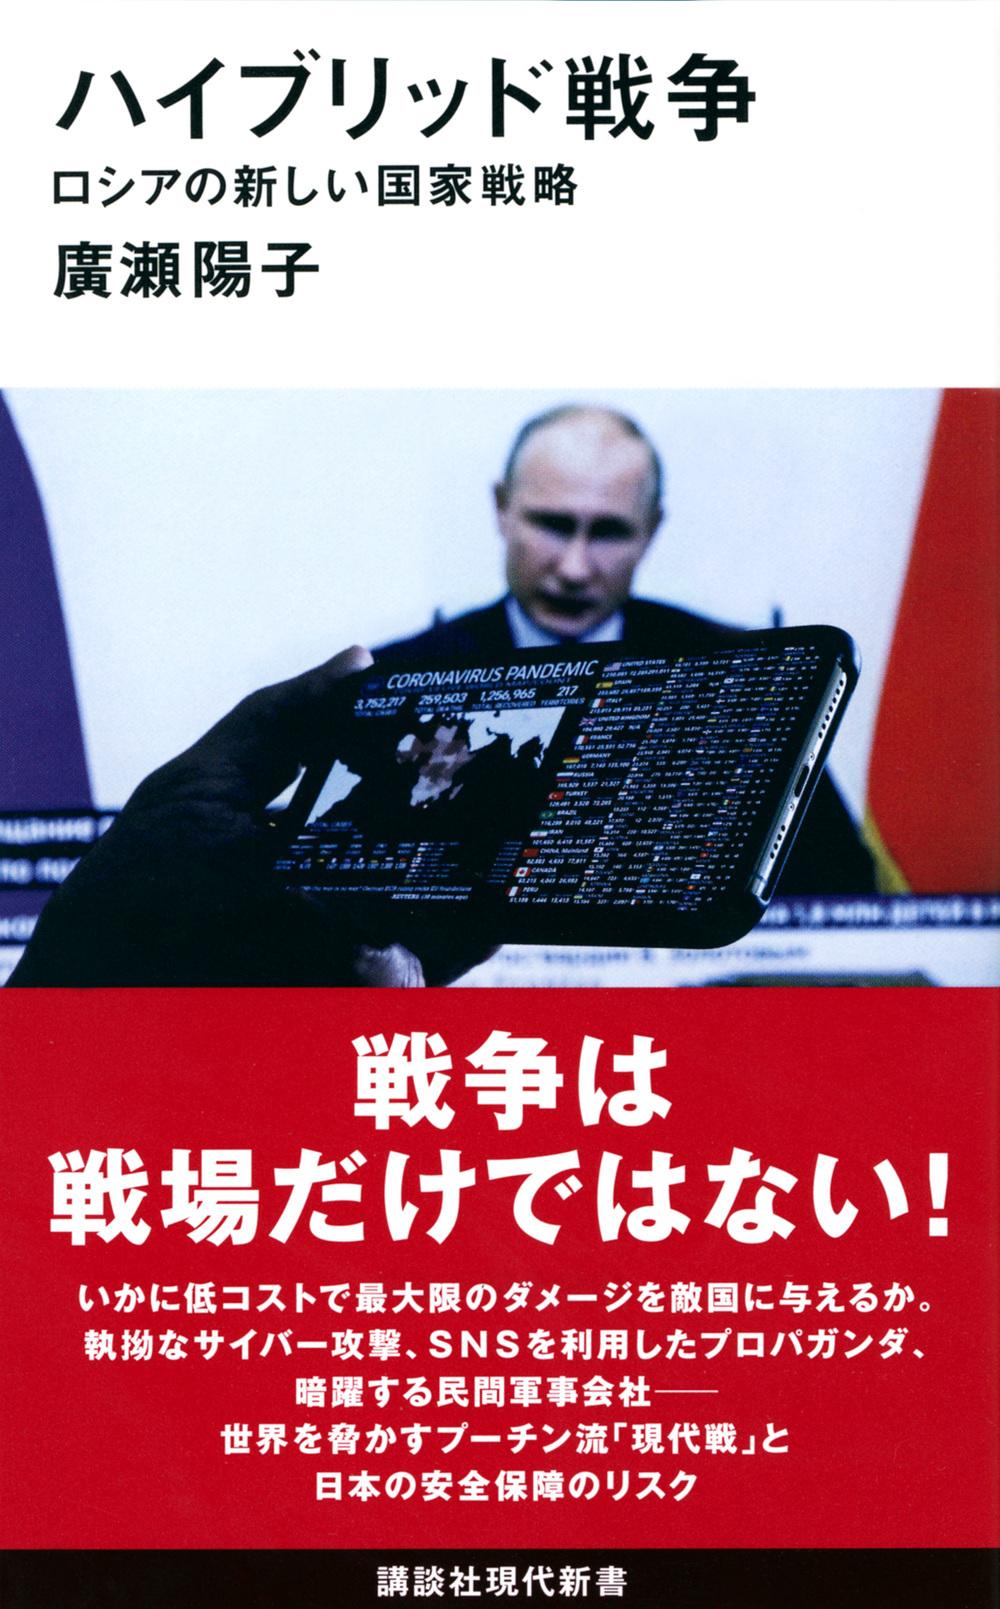 ハイブリッド戦争――ロシアの新しい国家戦略